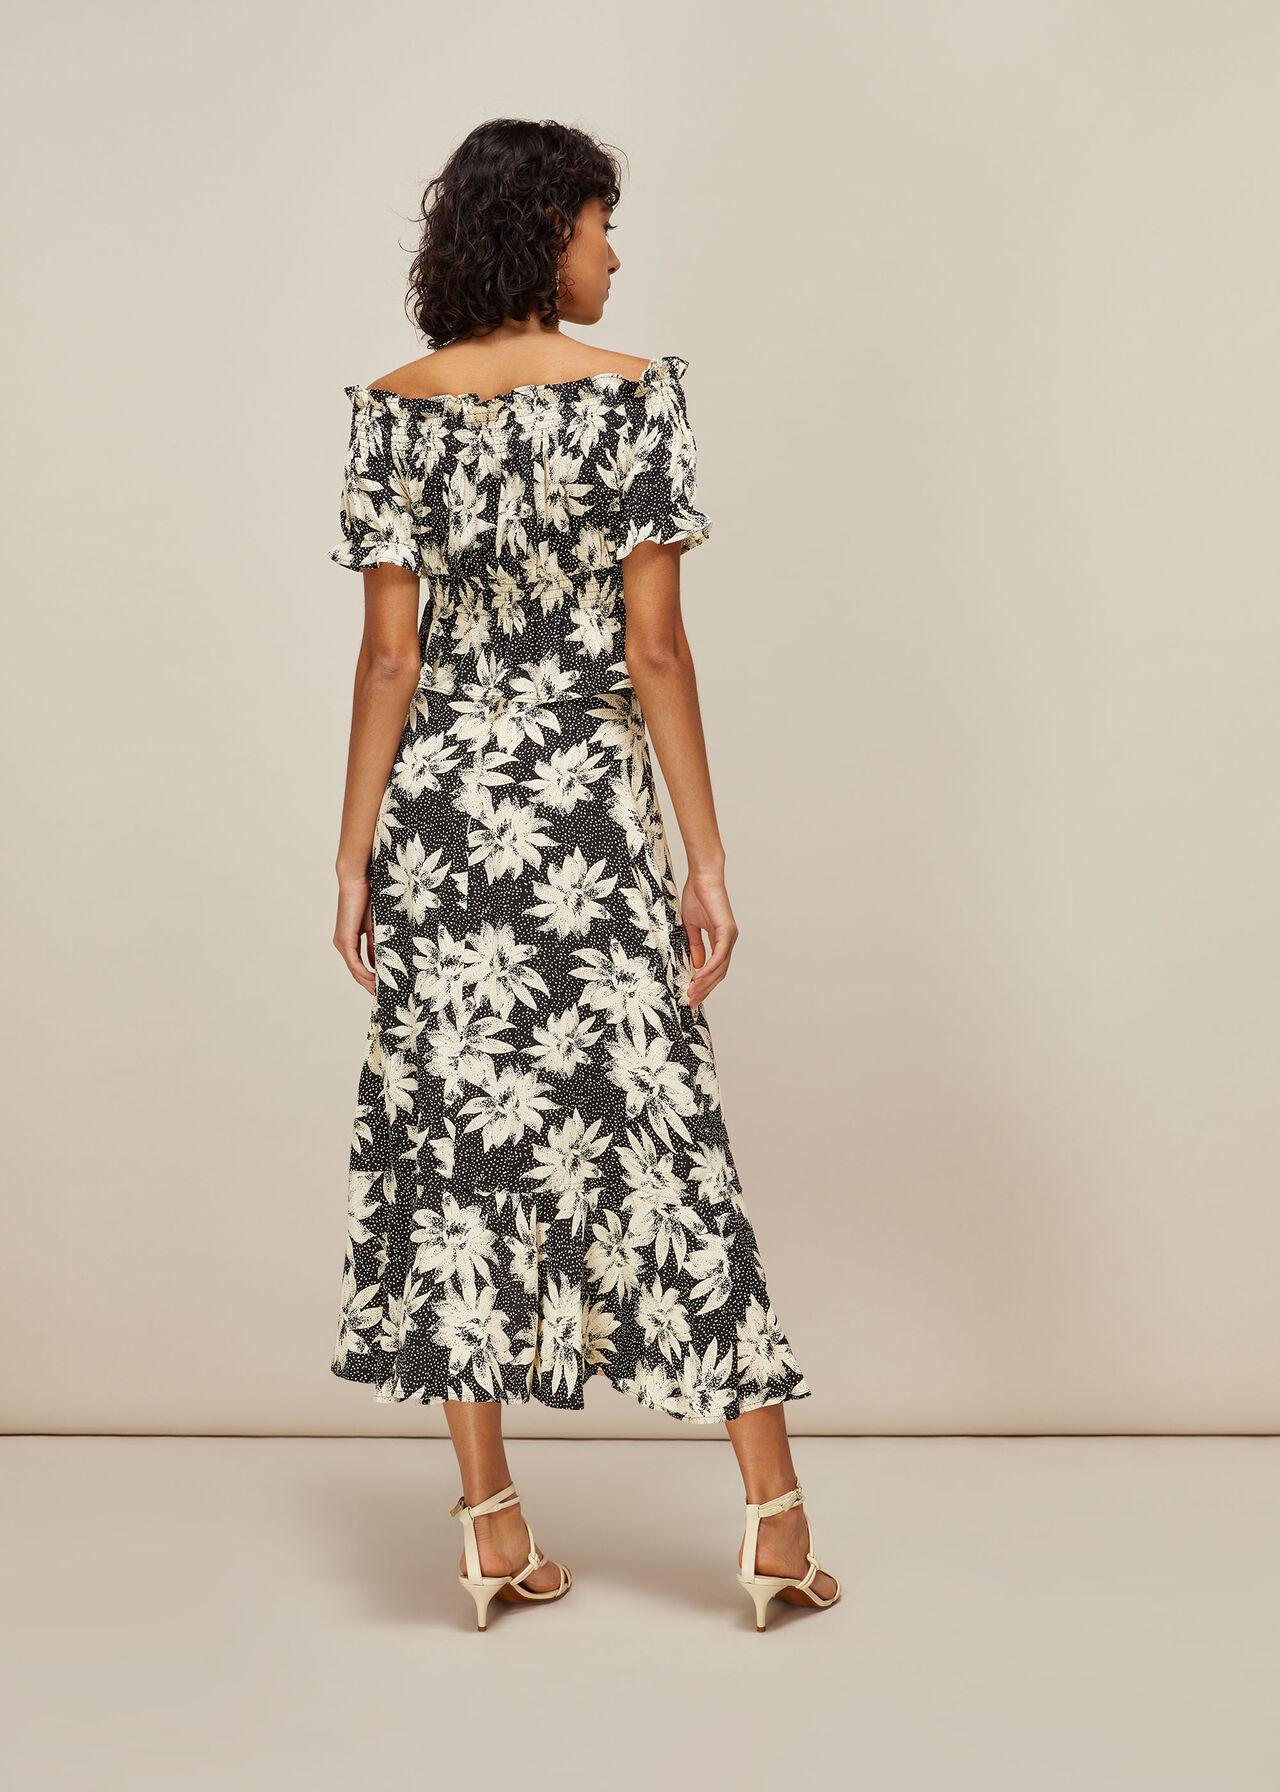 Starburst Floral Wrap Skirt Black/White